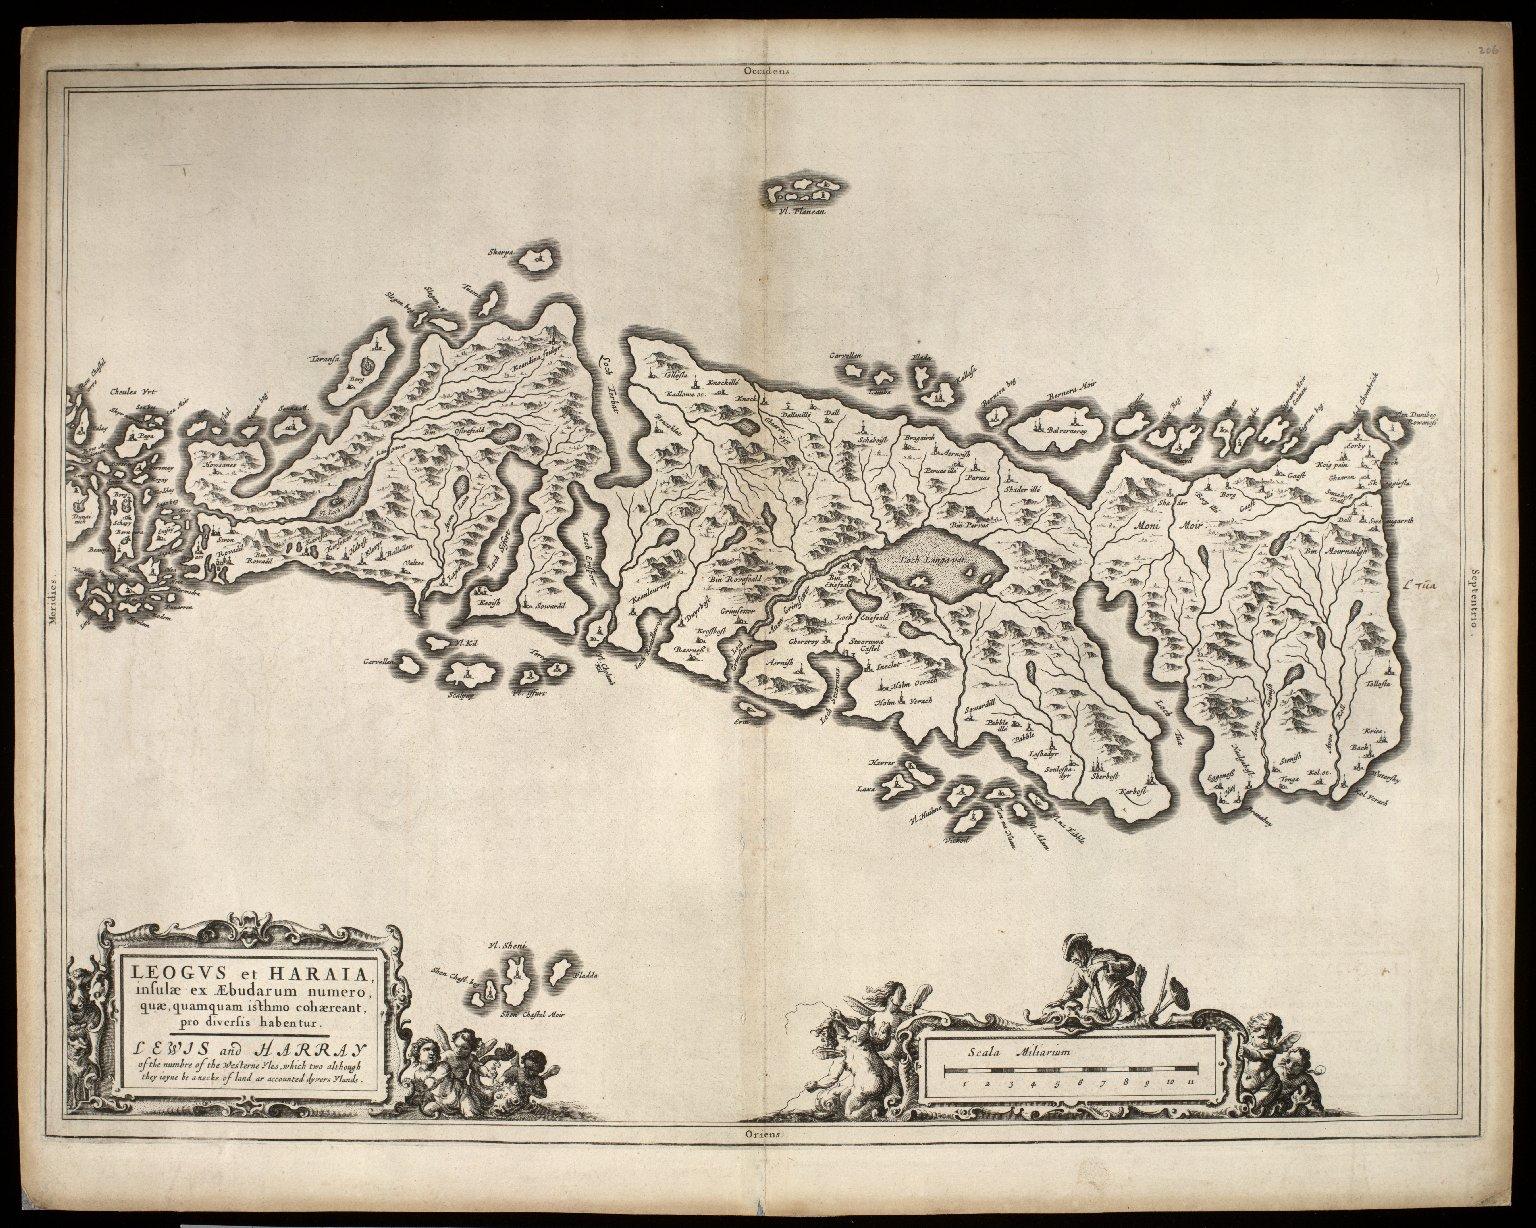 Leogus et Haraia insulae ex Aebudarum numero, quae quamquam isthmo cohaereant, pro diversis habentur. [1 of 1]